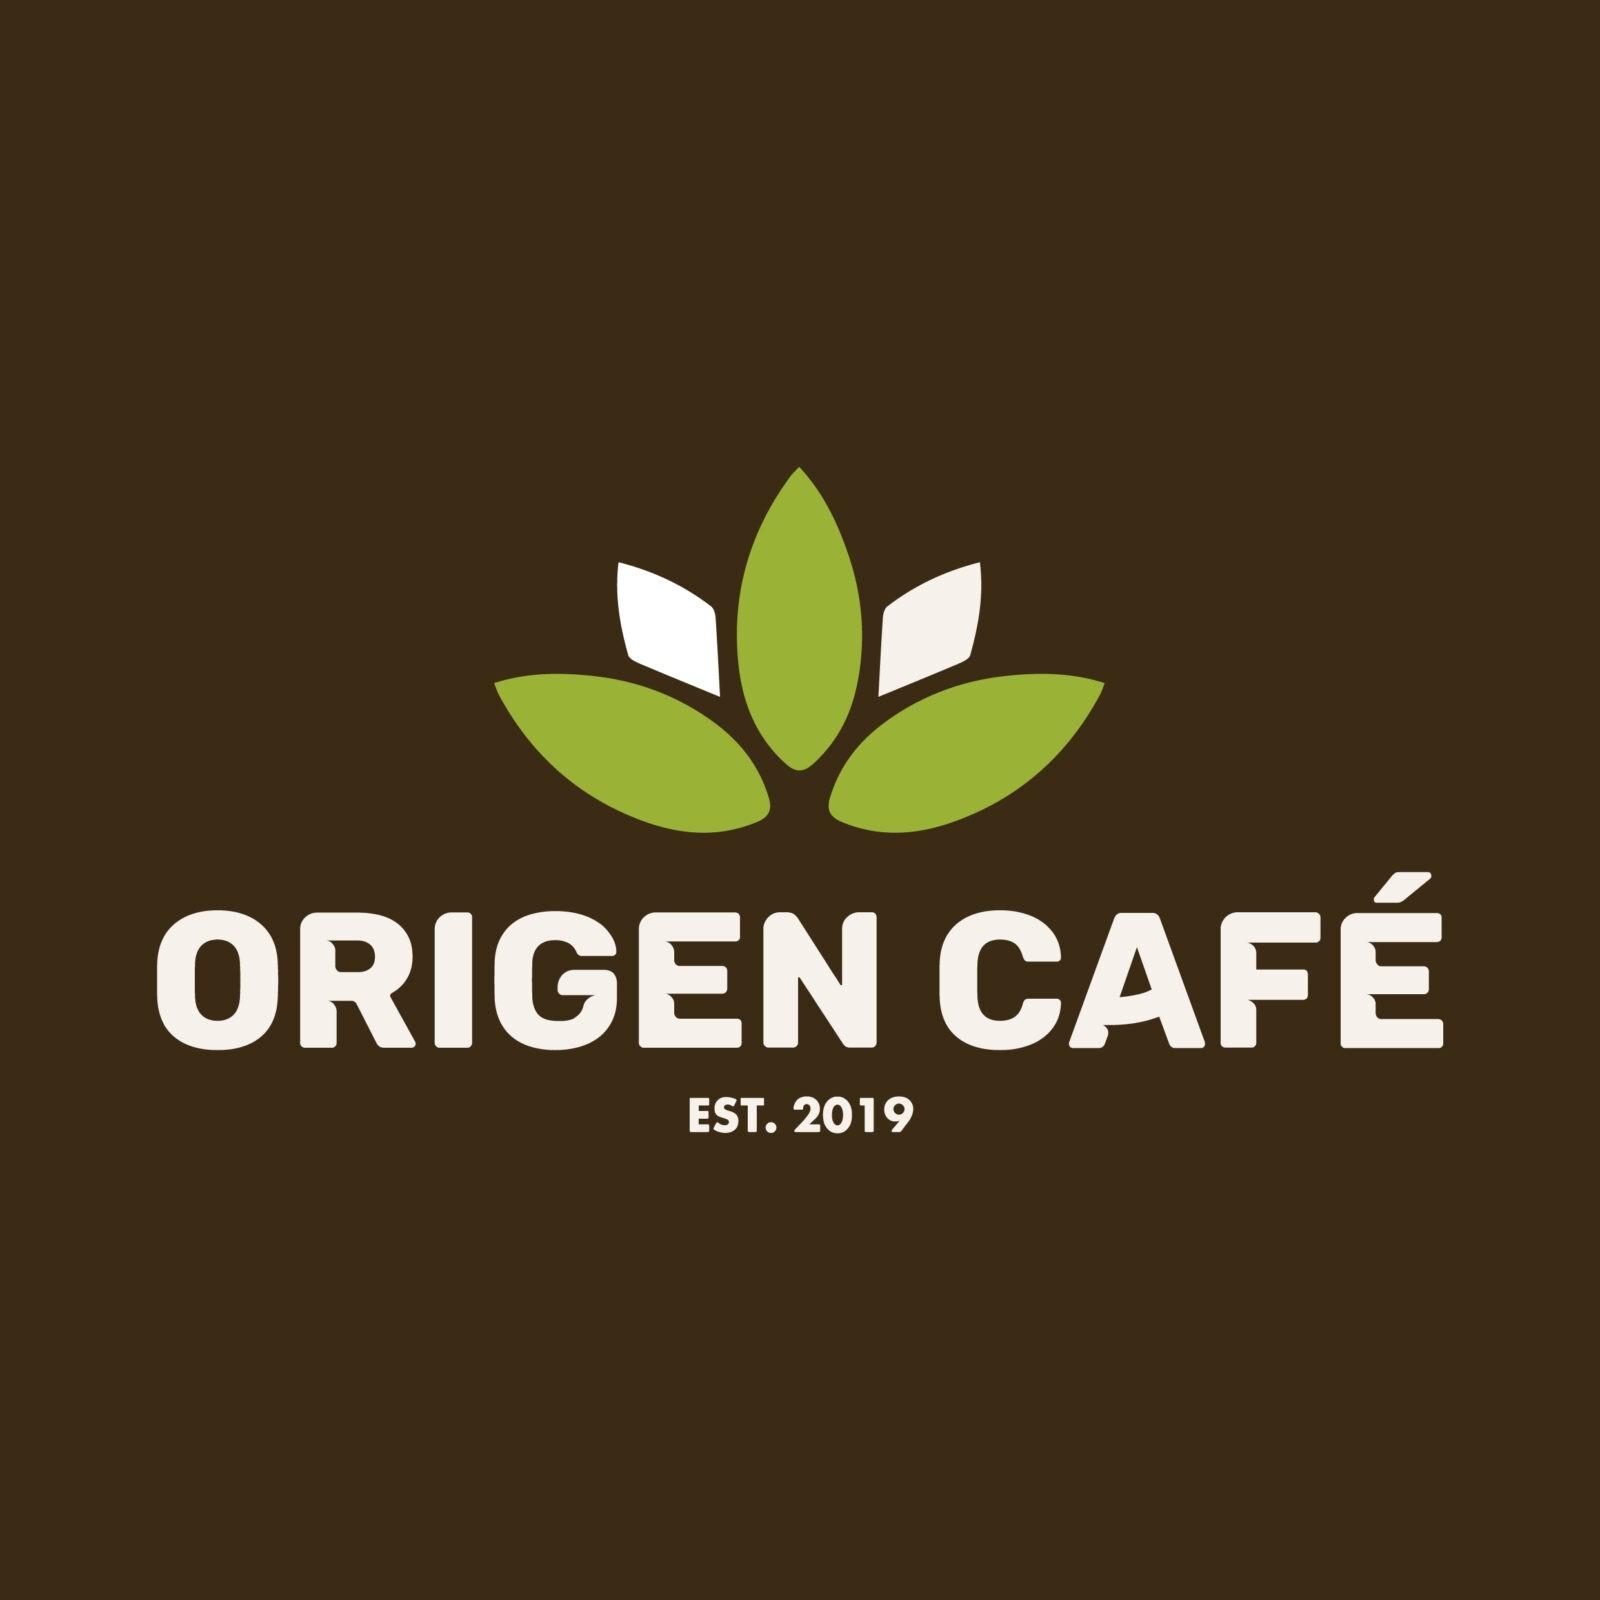 Diseño de Logotipo e Identidad Corporativa ORIGEN CAFÉ por iMeelZ